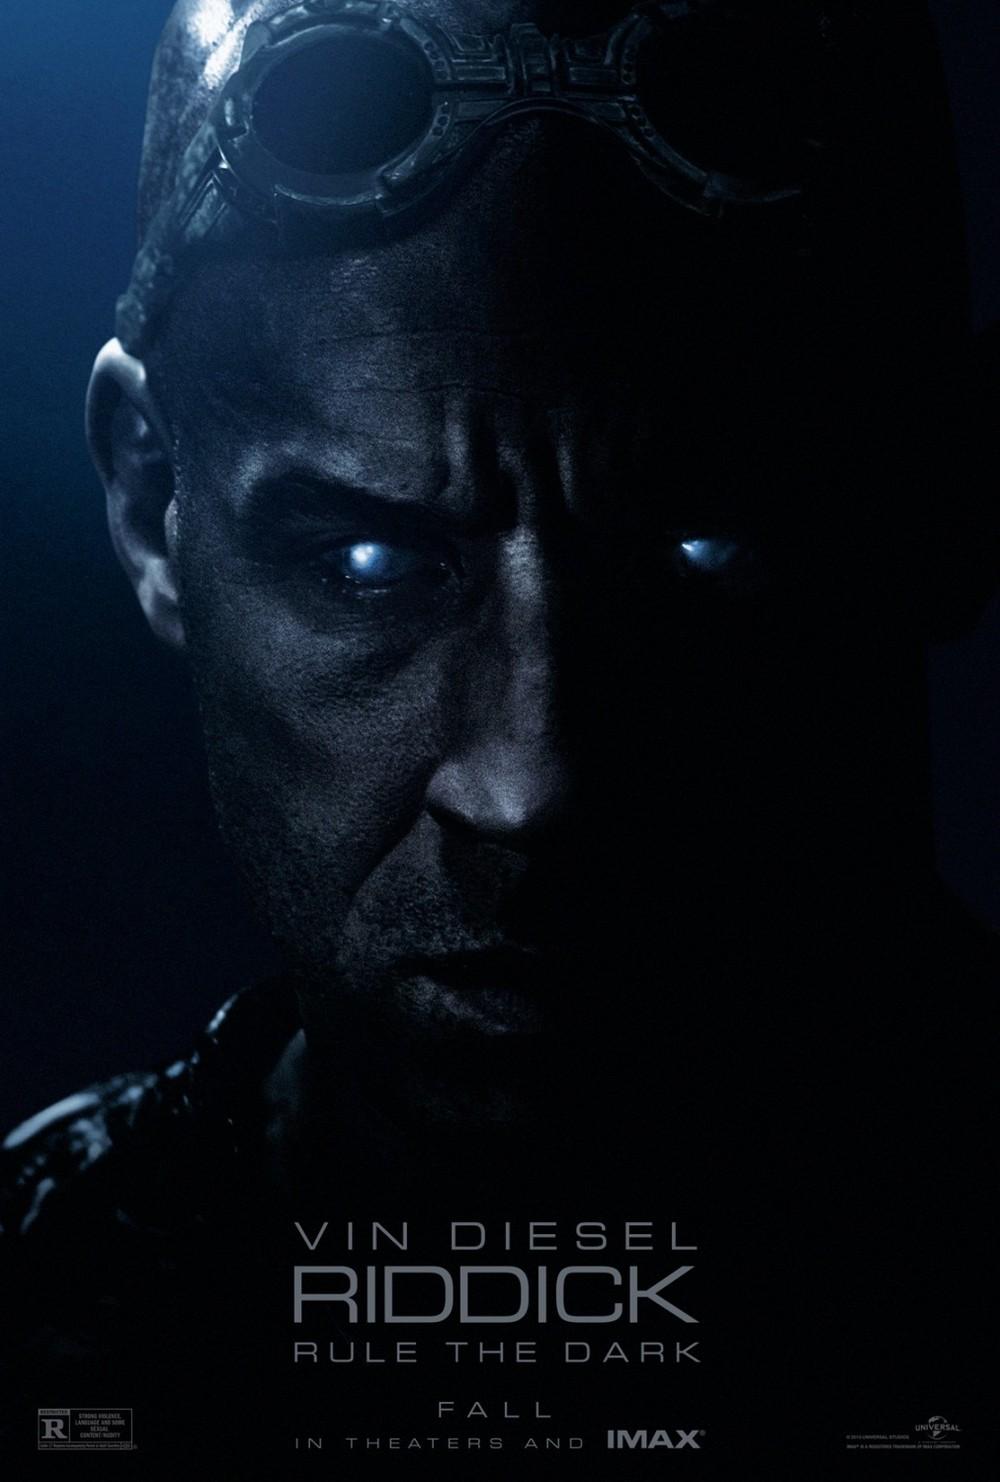 Riddick-Poster.jpg